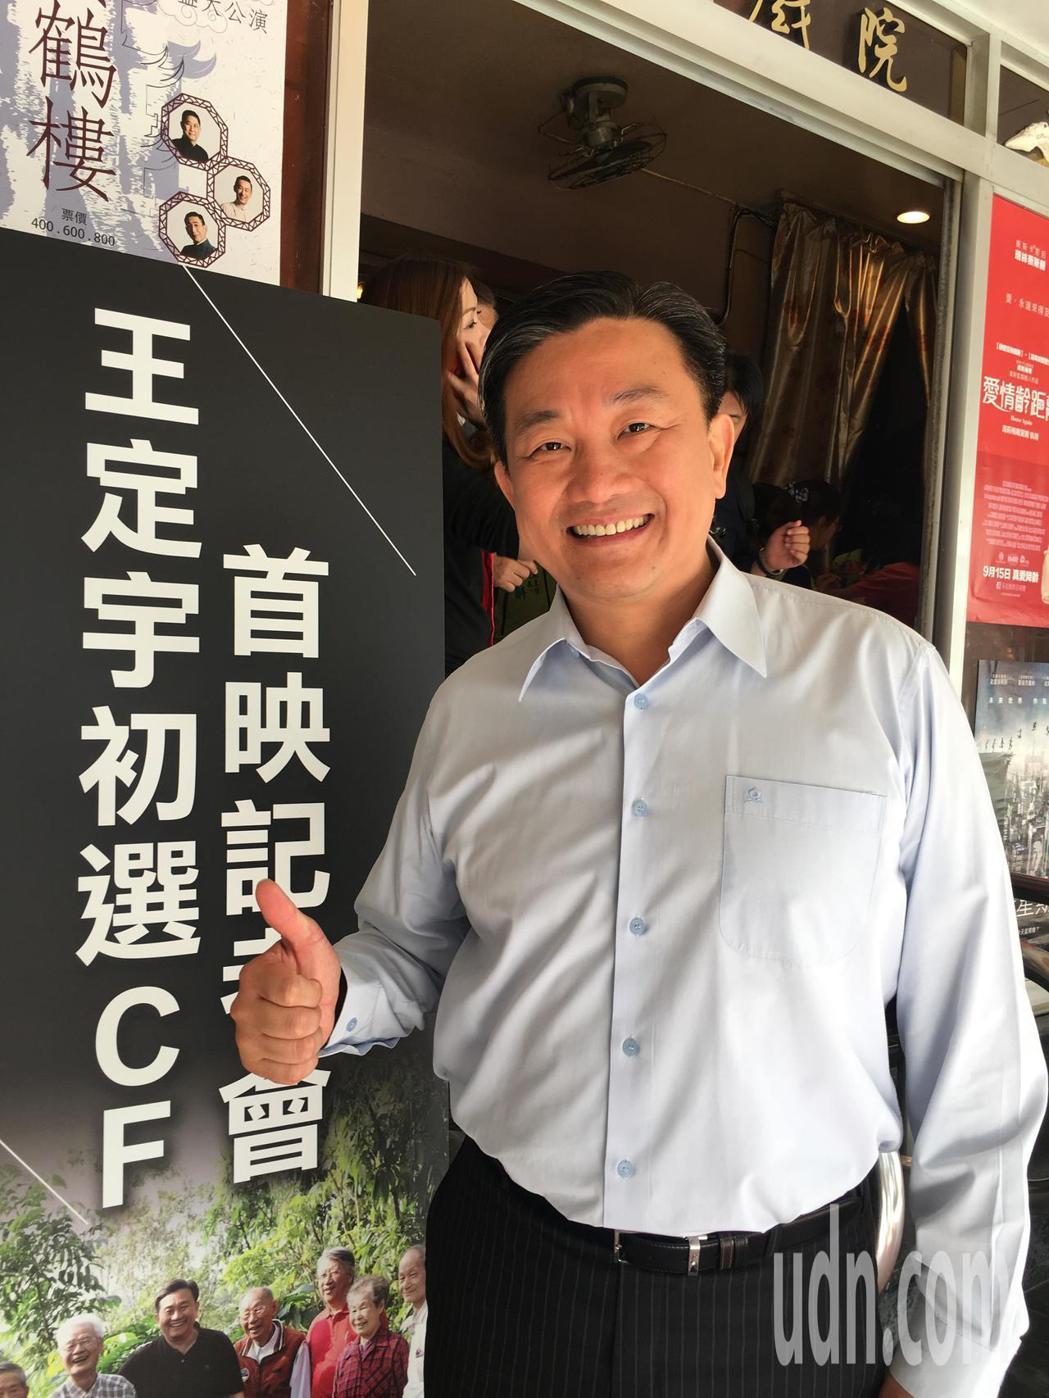 民進黨立委王定宇今天在全美戲院發表首支參選台南市長CF。記者吳淑玲/攝影